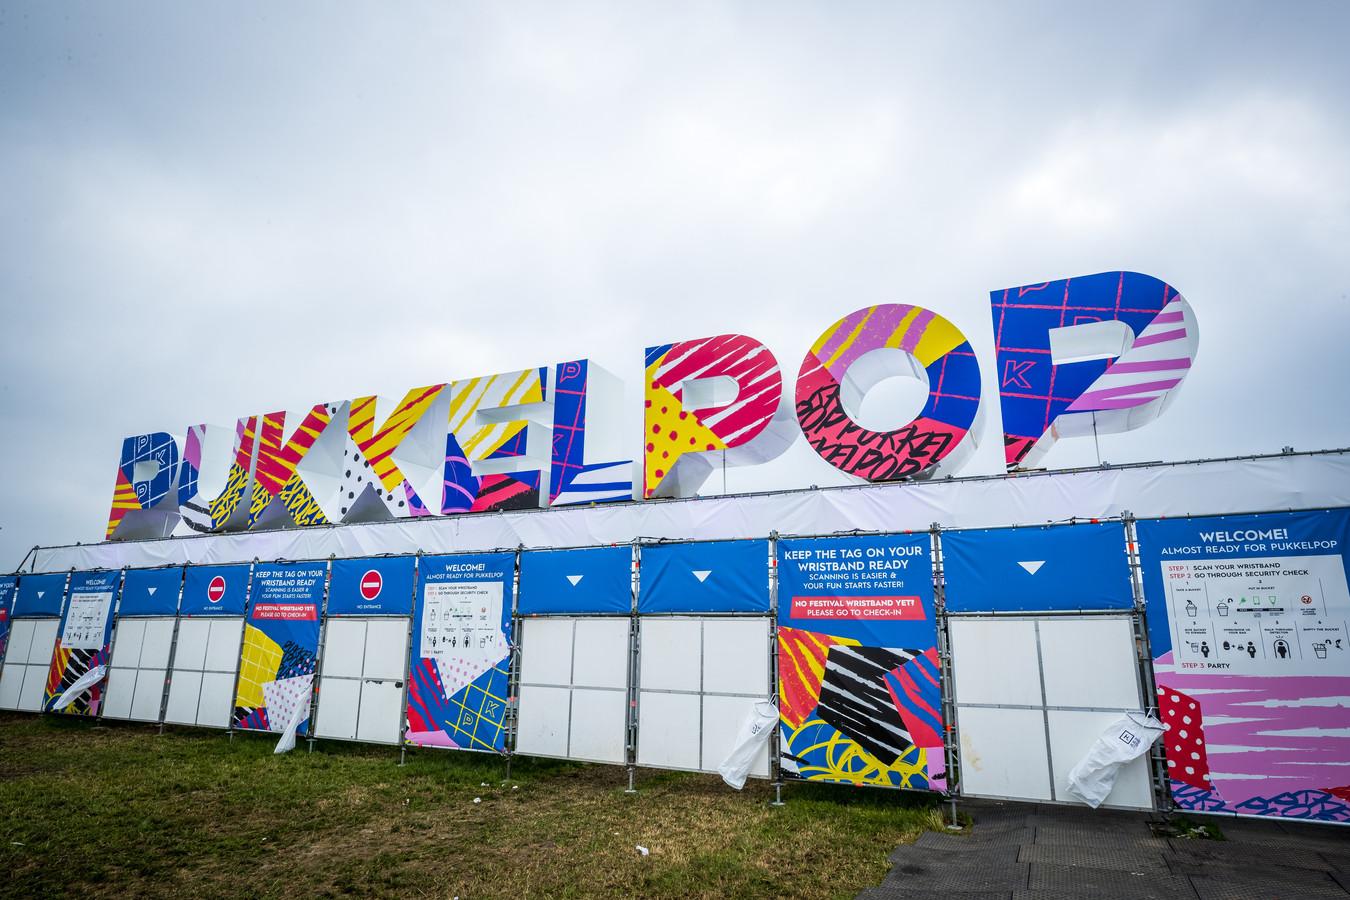 Toegangspoort van het vierdaagse rockfestival Pukkelpop in België in 2019.